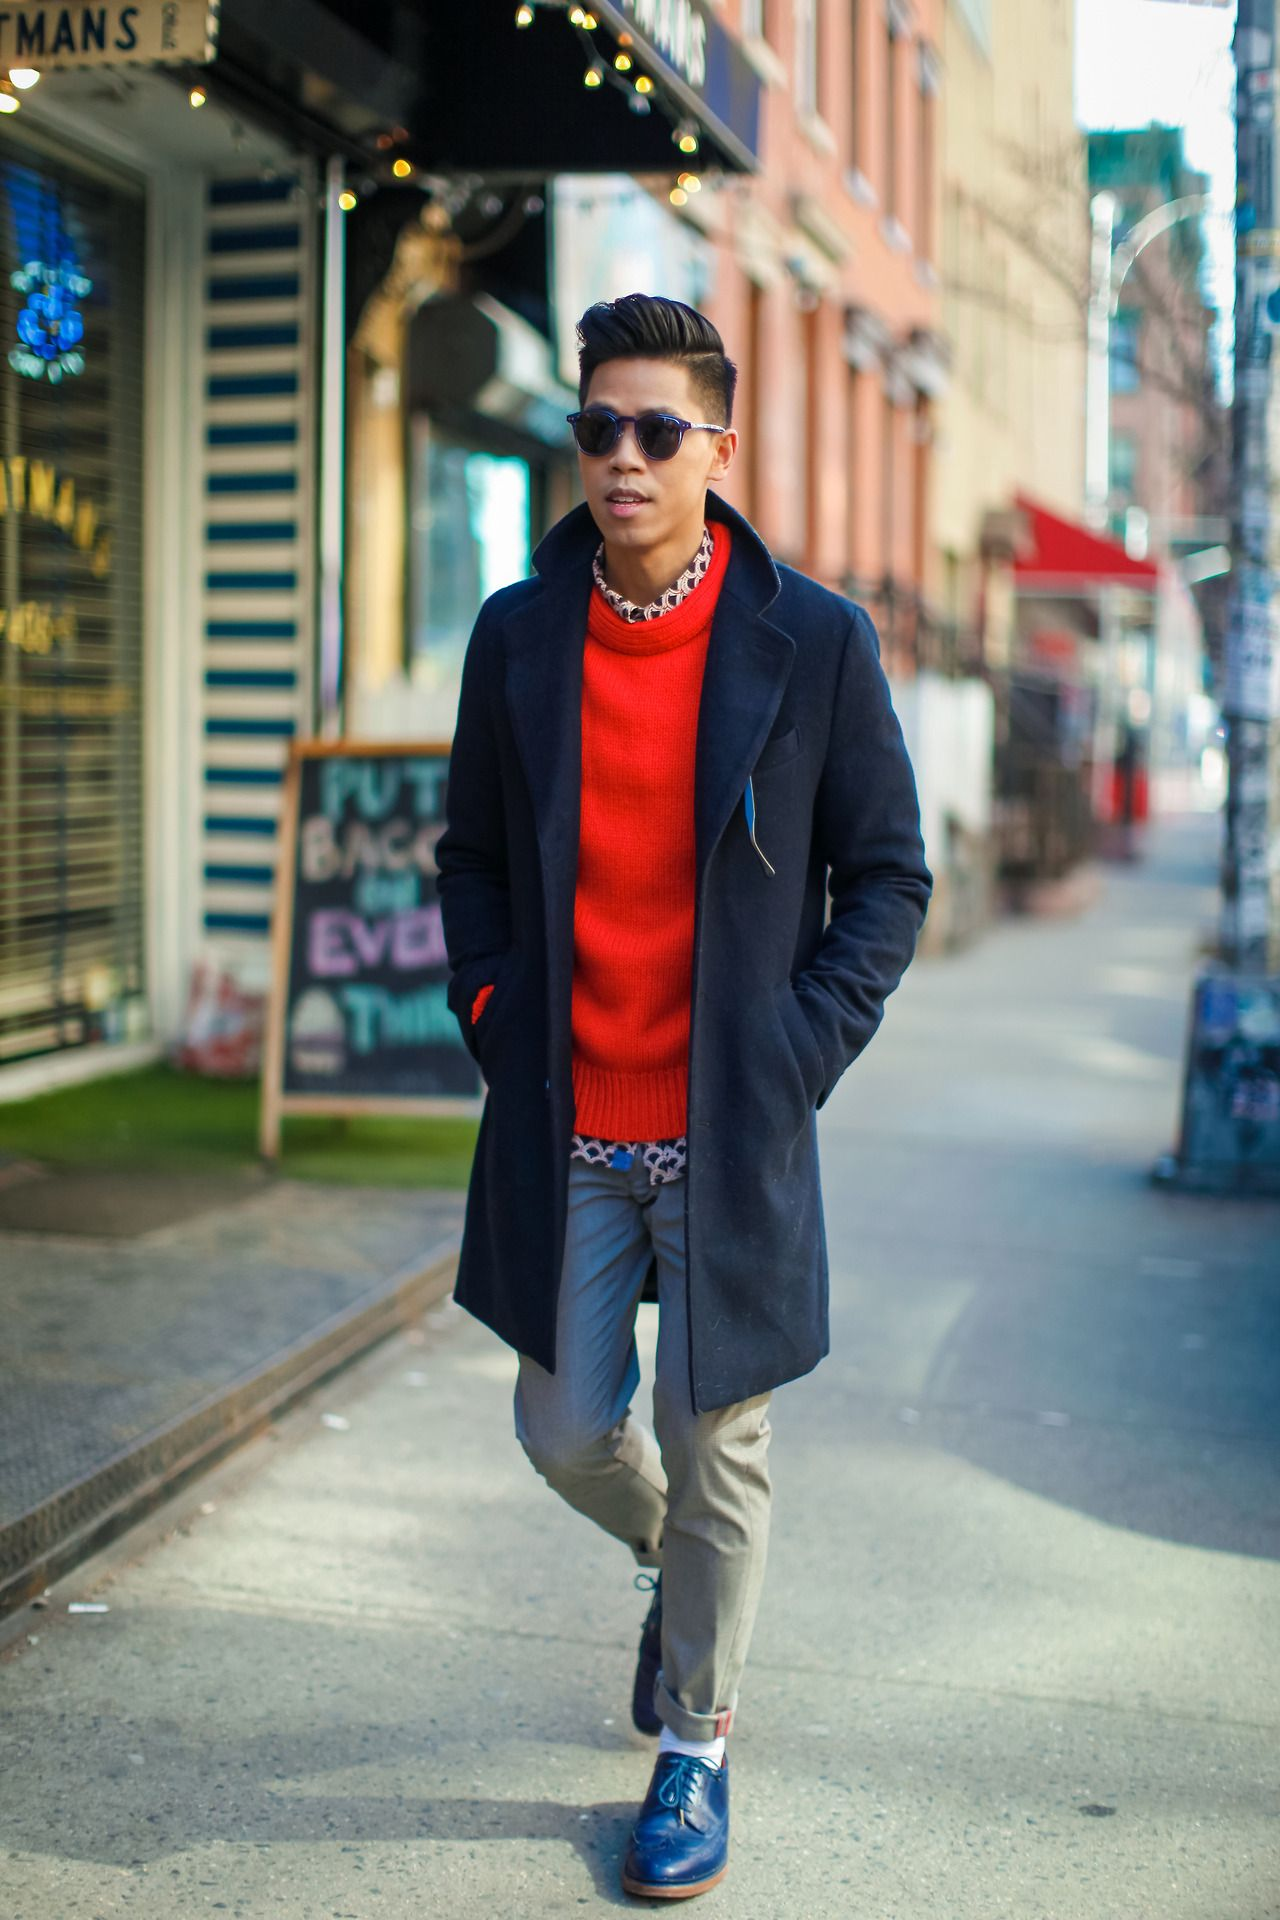 #streetstyle #style #streetfashion #fashion #manstyle #mensstyle #mensstreetstyle #menswear #mensfashion